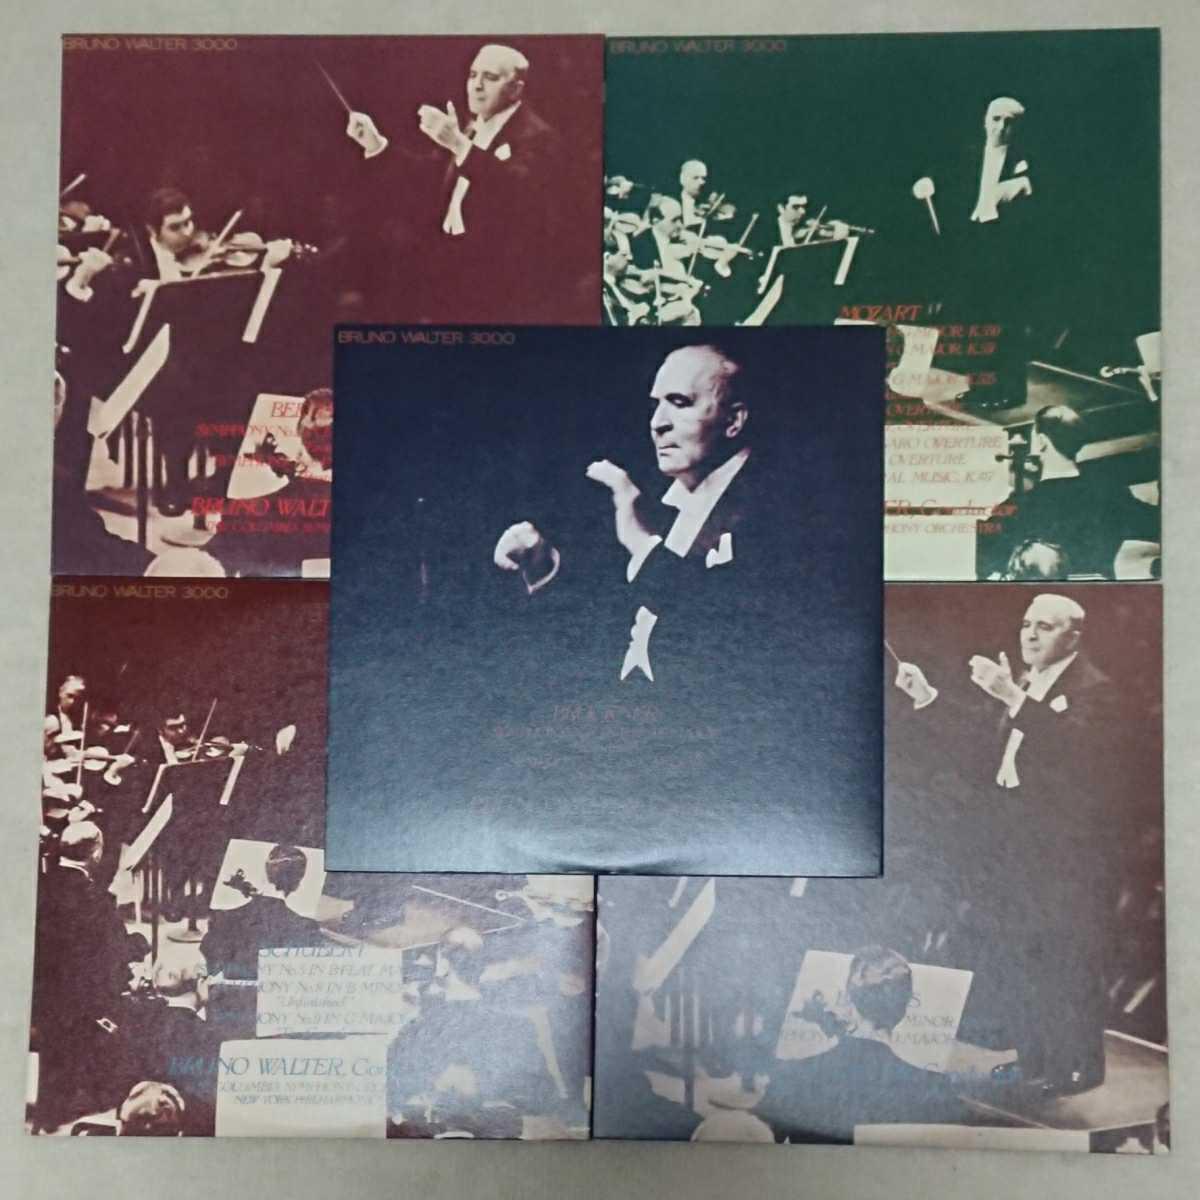 モーツァルト ベートーヴェン シューベルト ブラームス ブルックナー ワルター 10枚_画像1